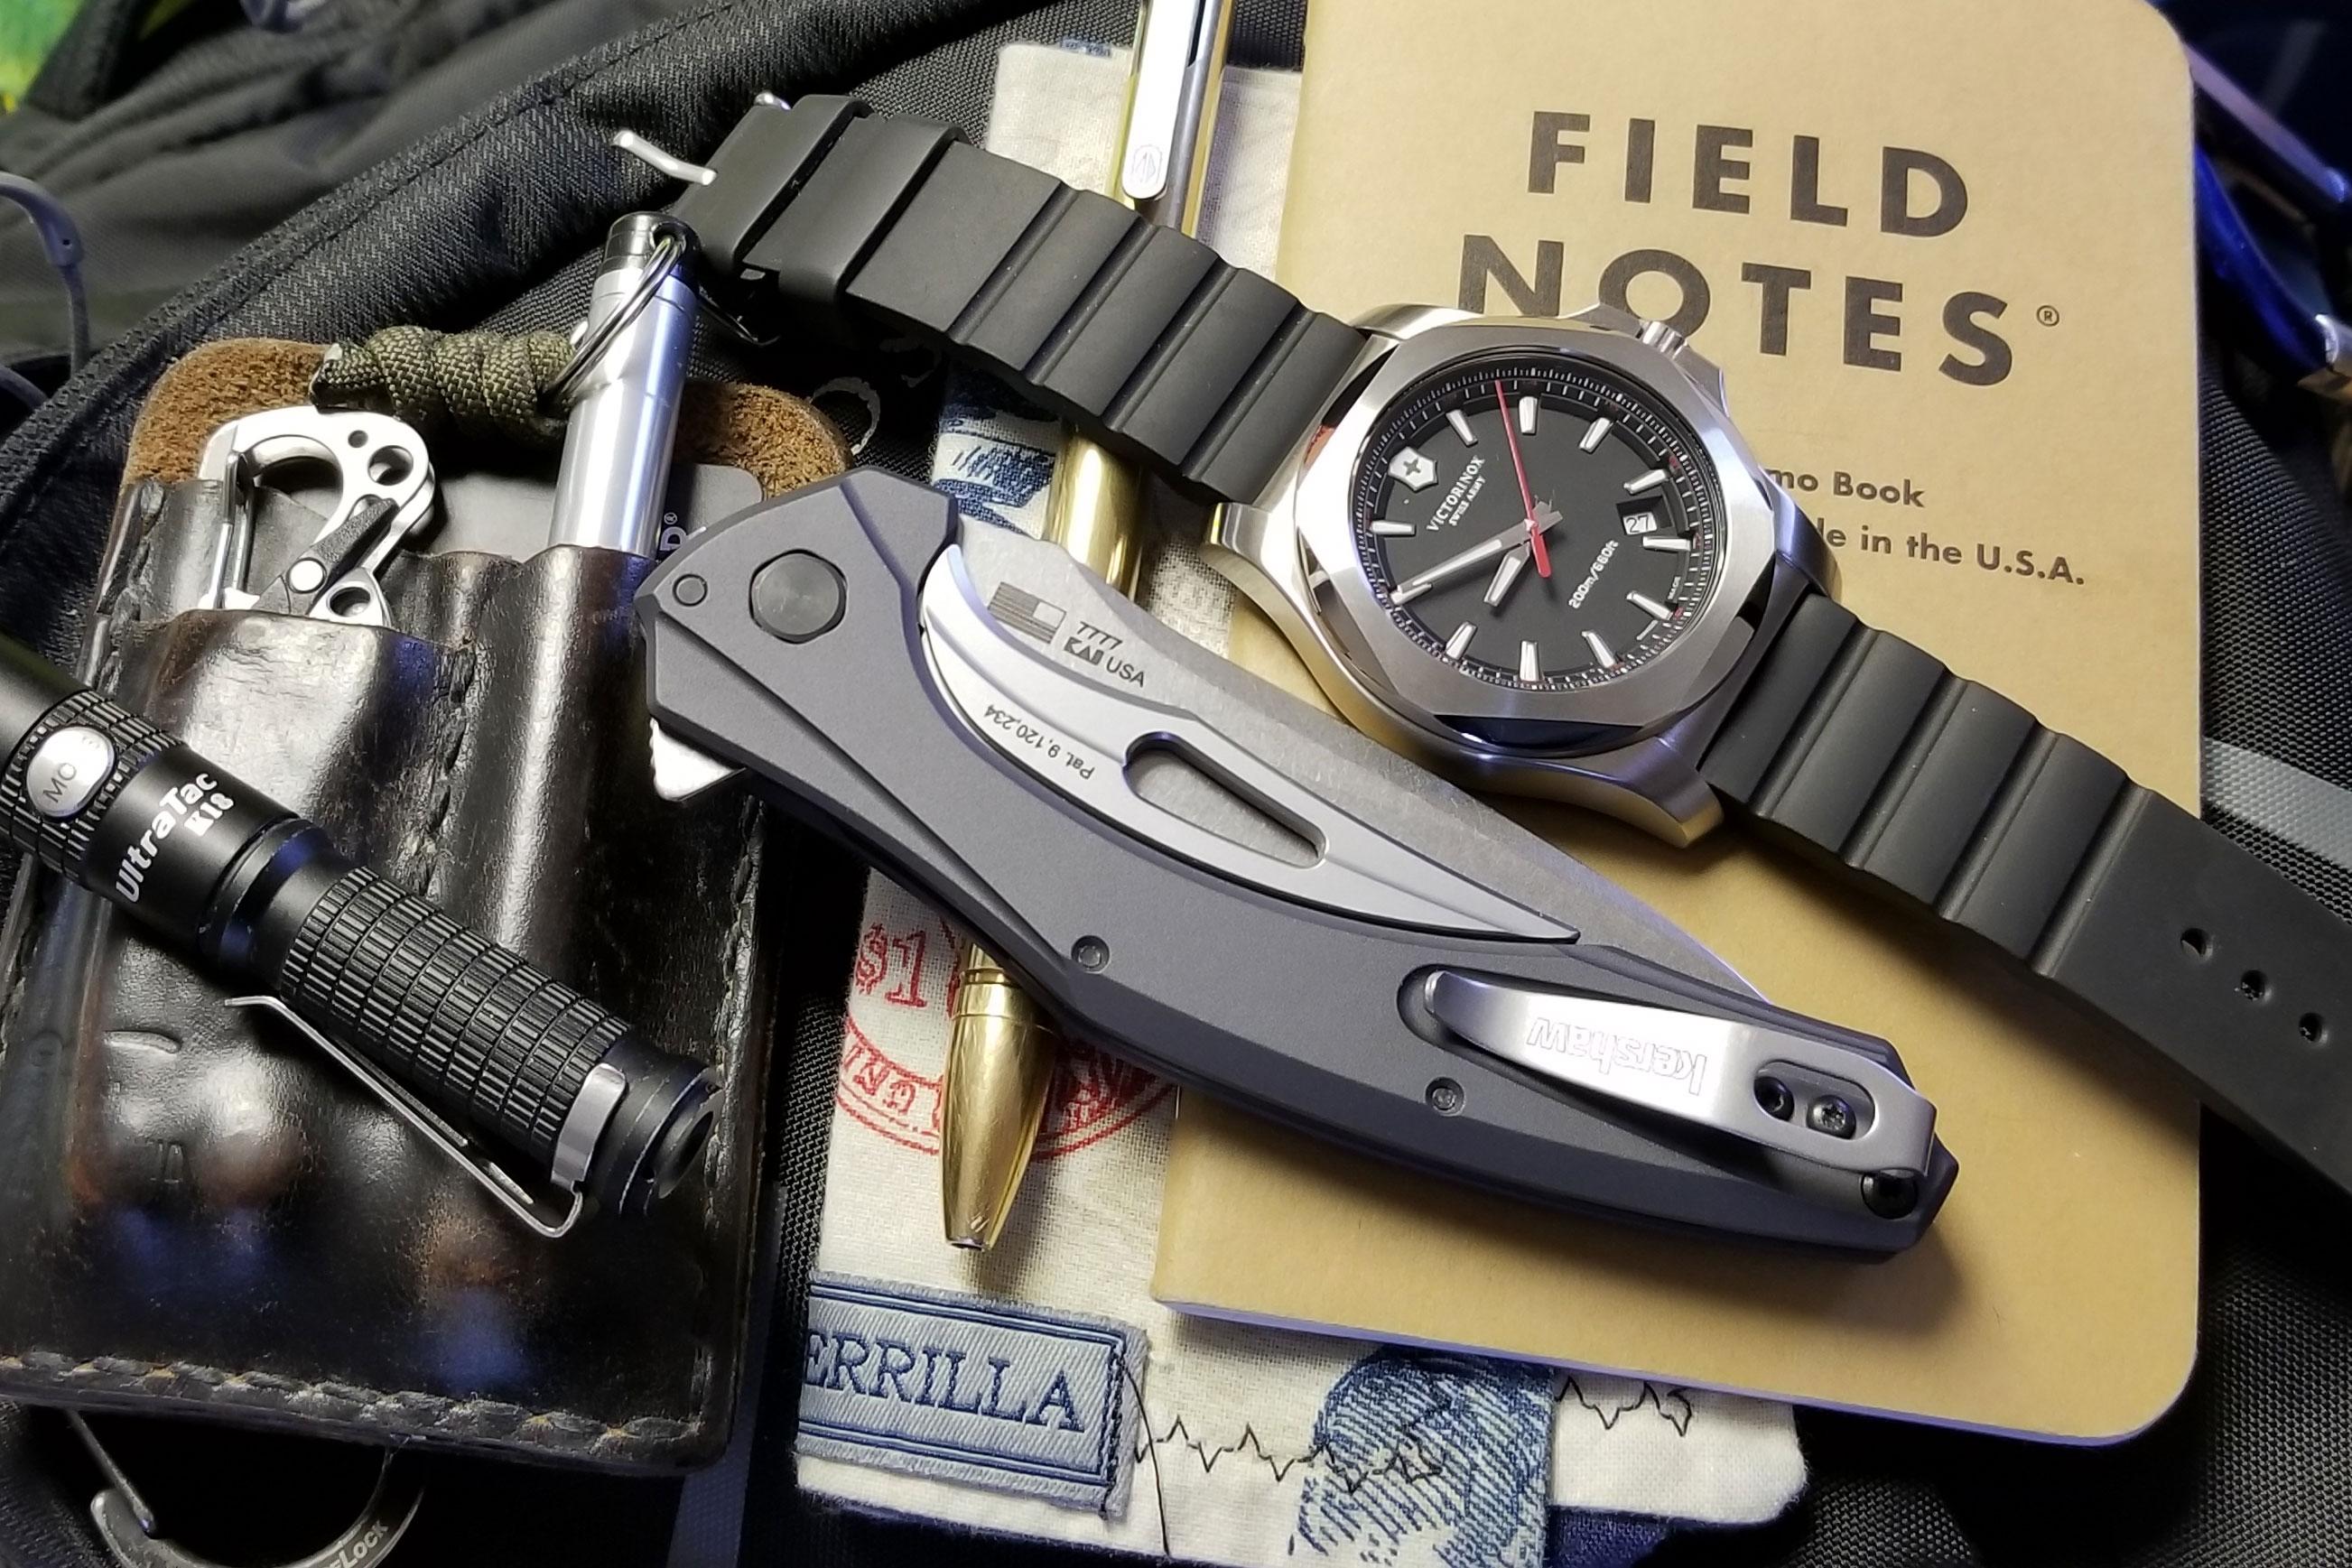 Kershaw Bareknuckle 7777 folding knife